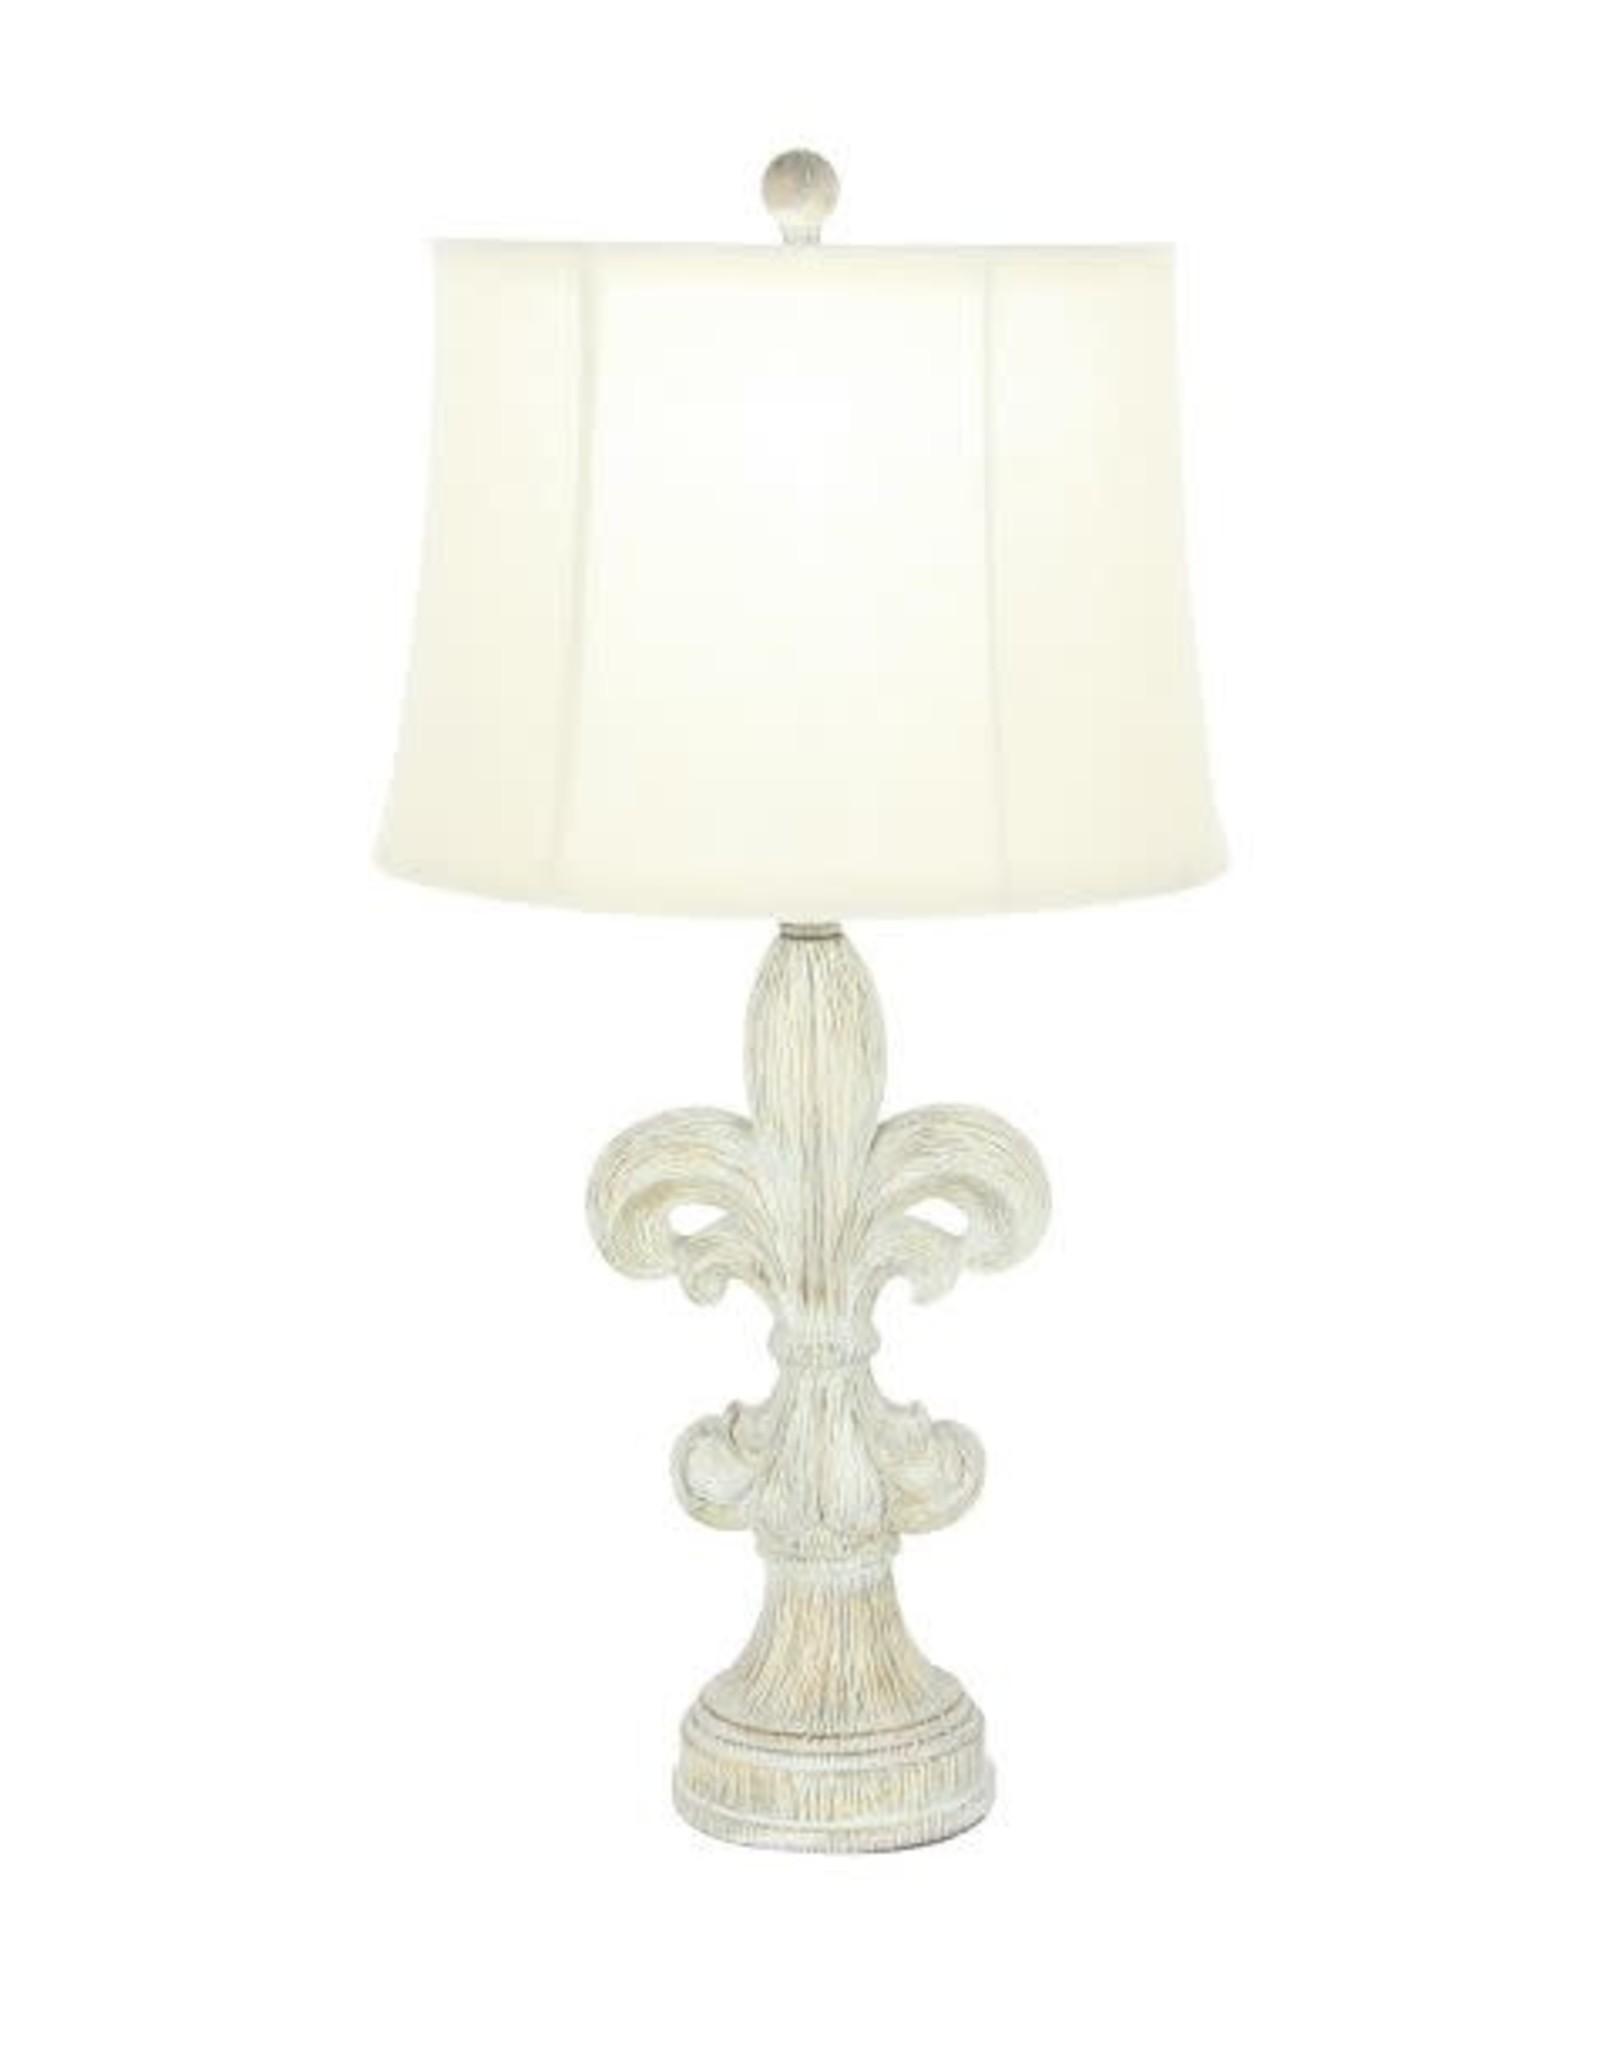 Resin Le Fleur Table Lamp w/ Shade